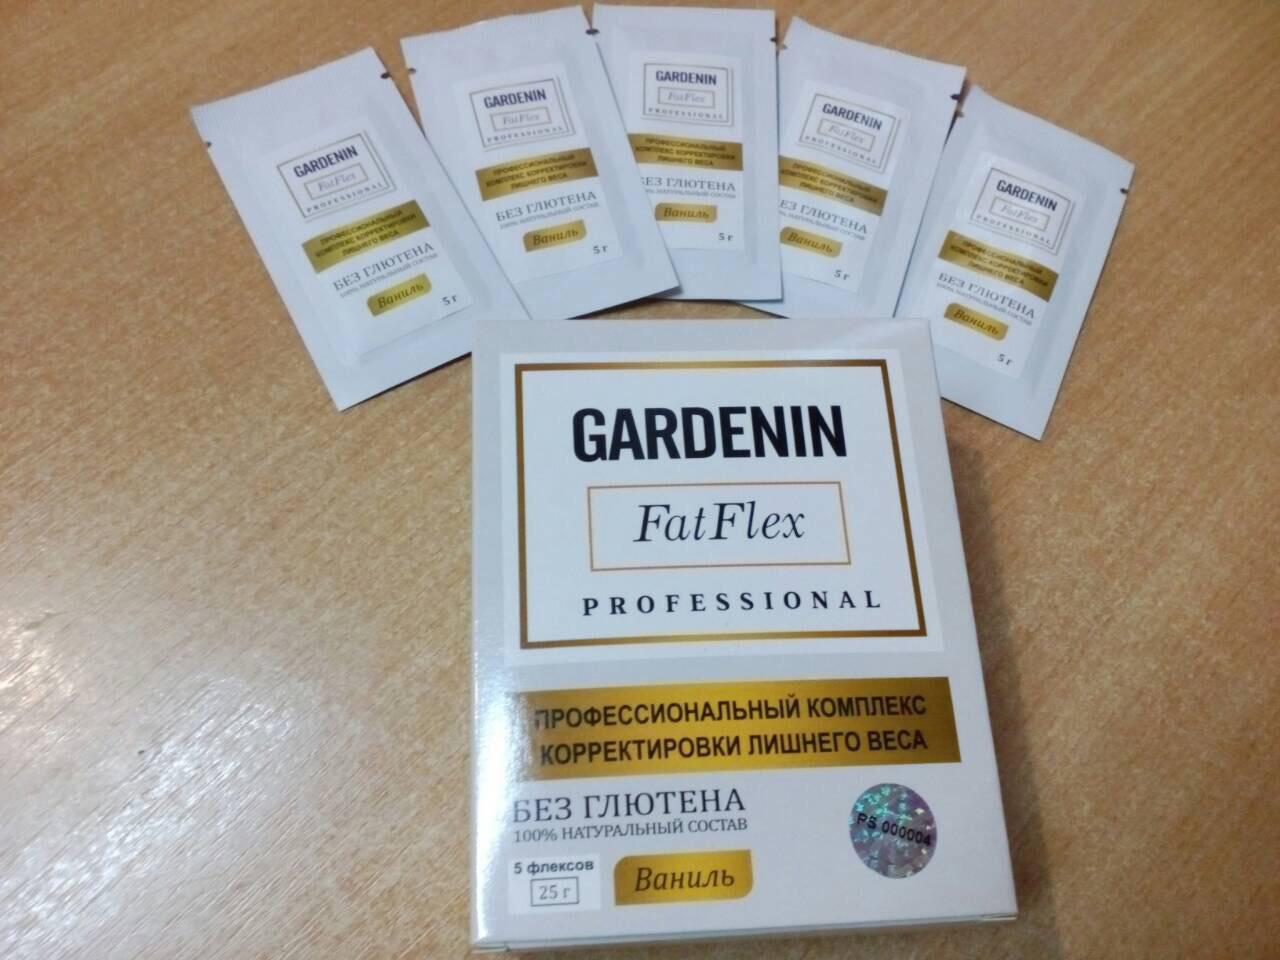 Упаковка Gardenin